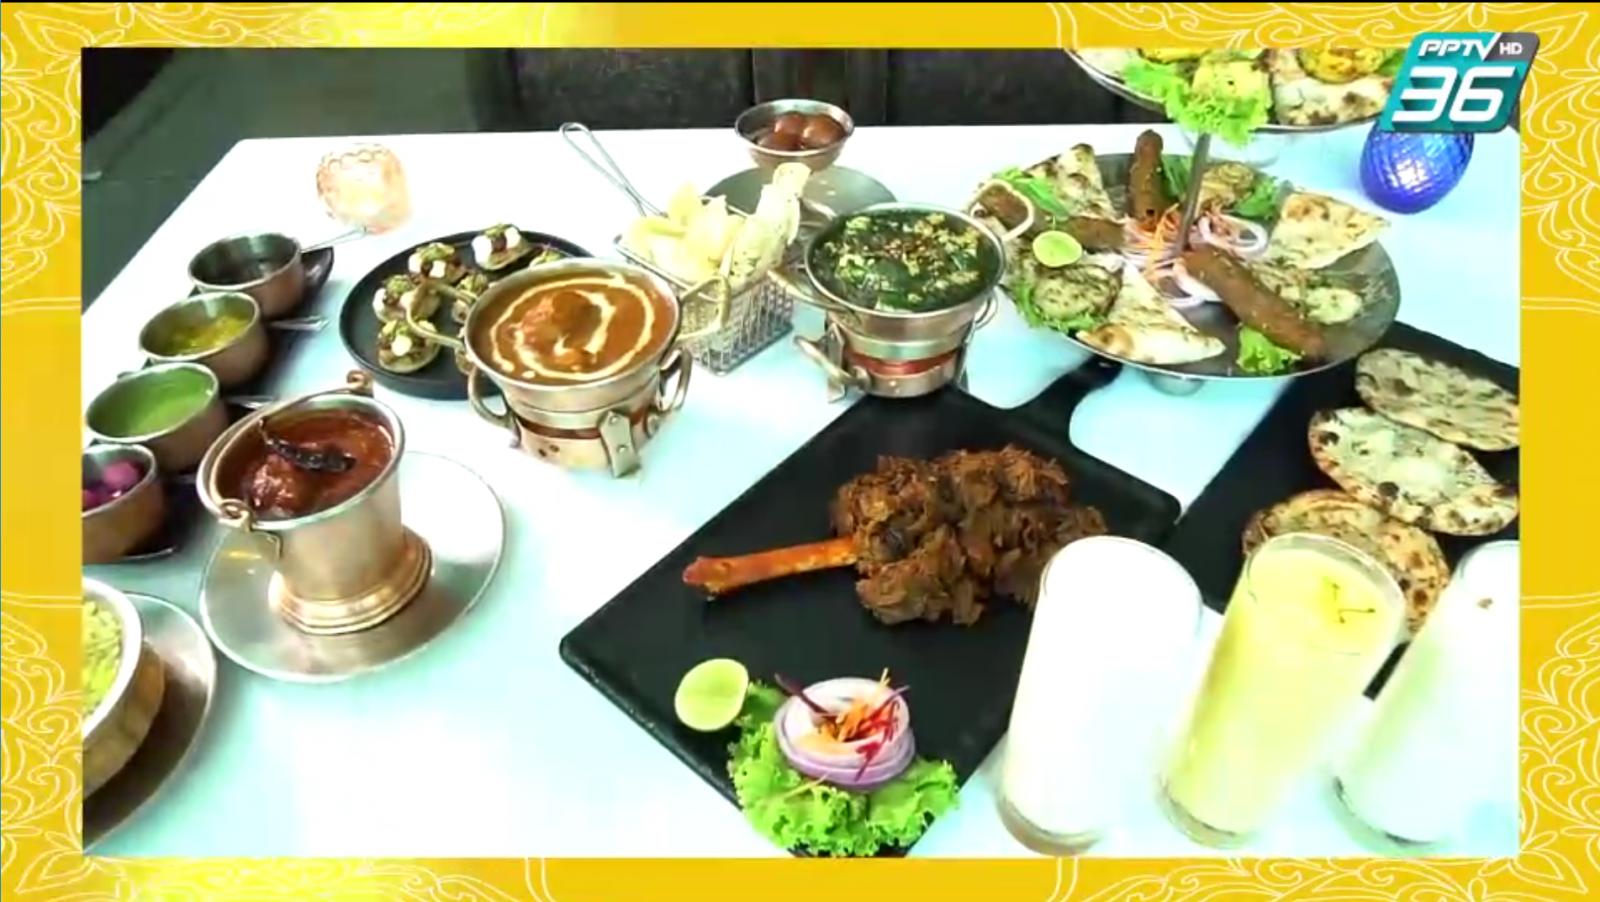 """เชลล์ชวนชิม พาไปชิมอาหารอินเดียต้นตำหรับ ที่ร้าน """"Indus Contemporary Indian"""" สุขุมวิท 26"""